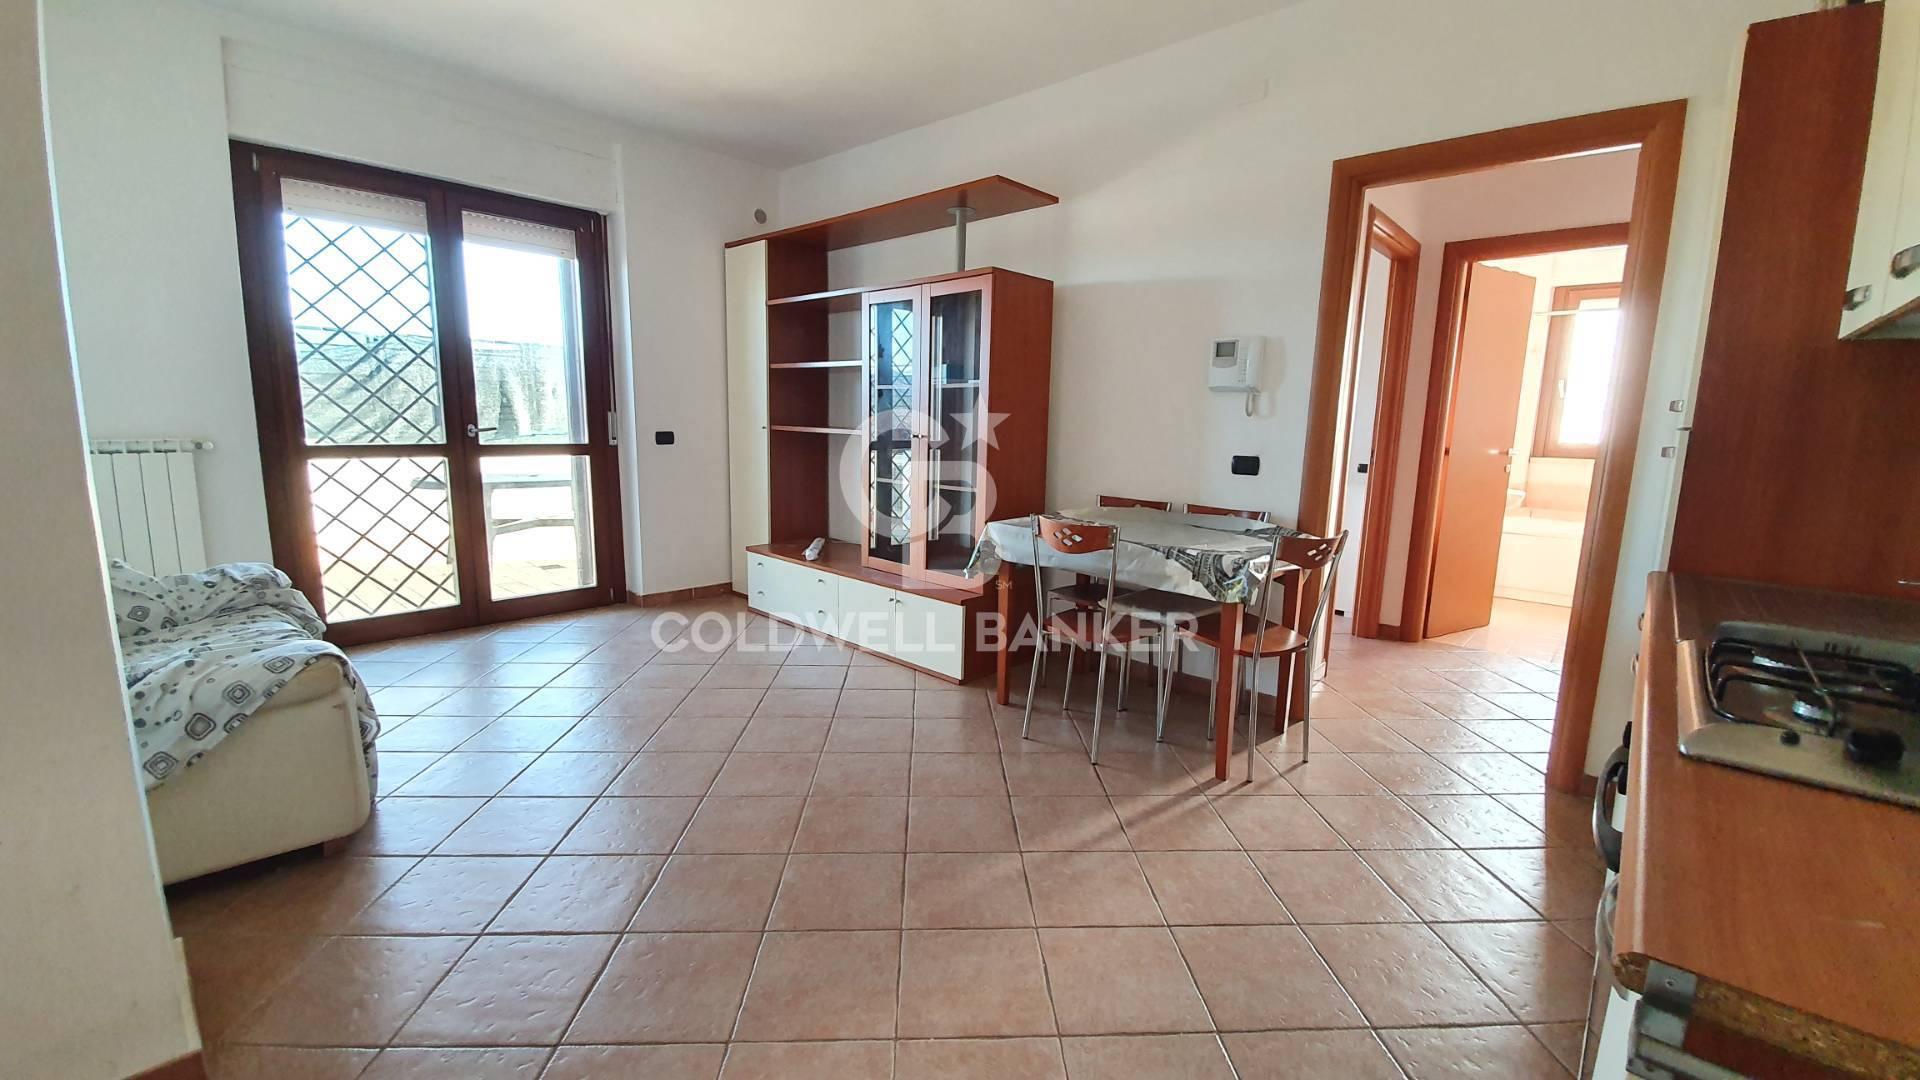 Appartamento in affitto a Pomezia, 2 locali, zona Località: Sughereta, prezzo € 550   PortaleAgenzieImmobiliari.it